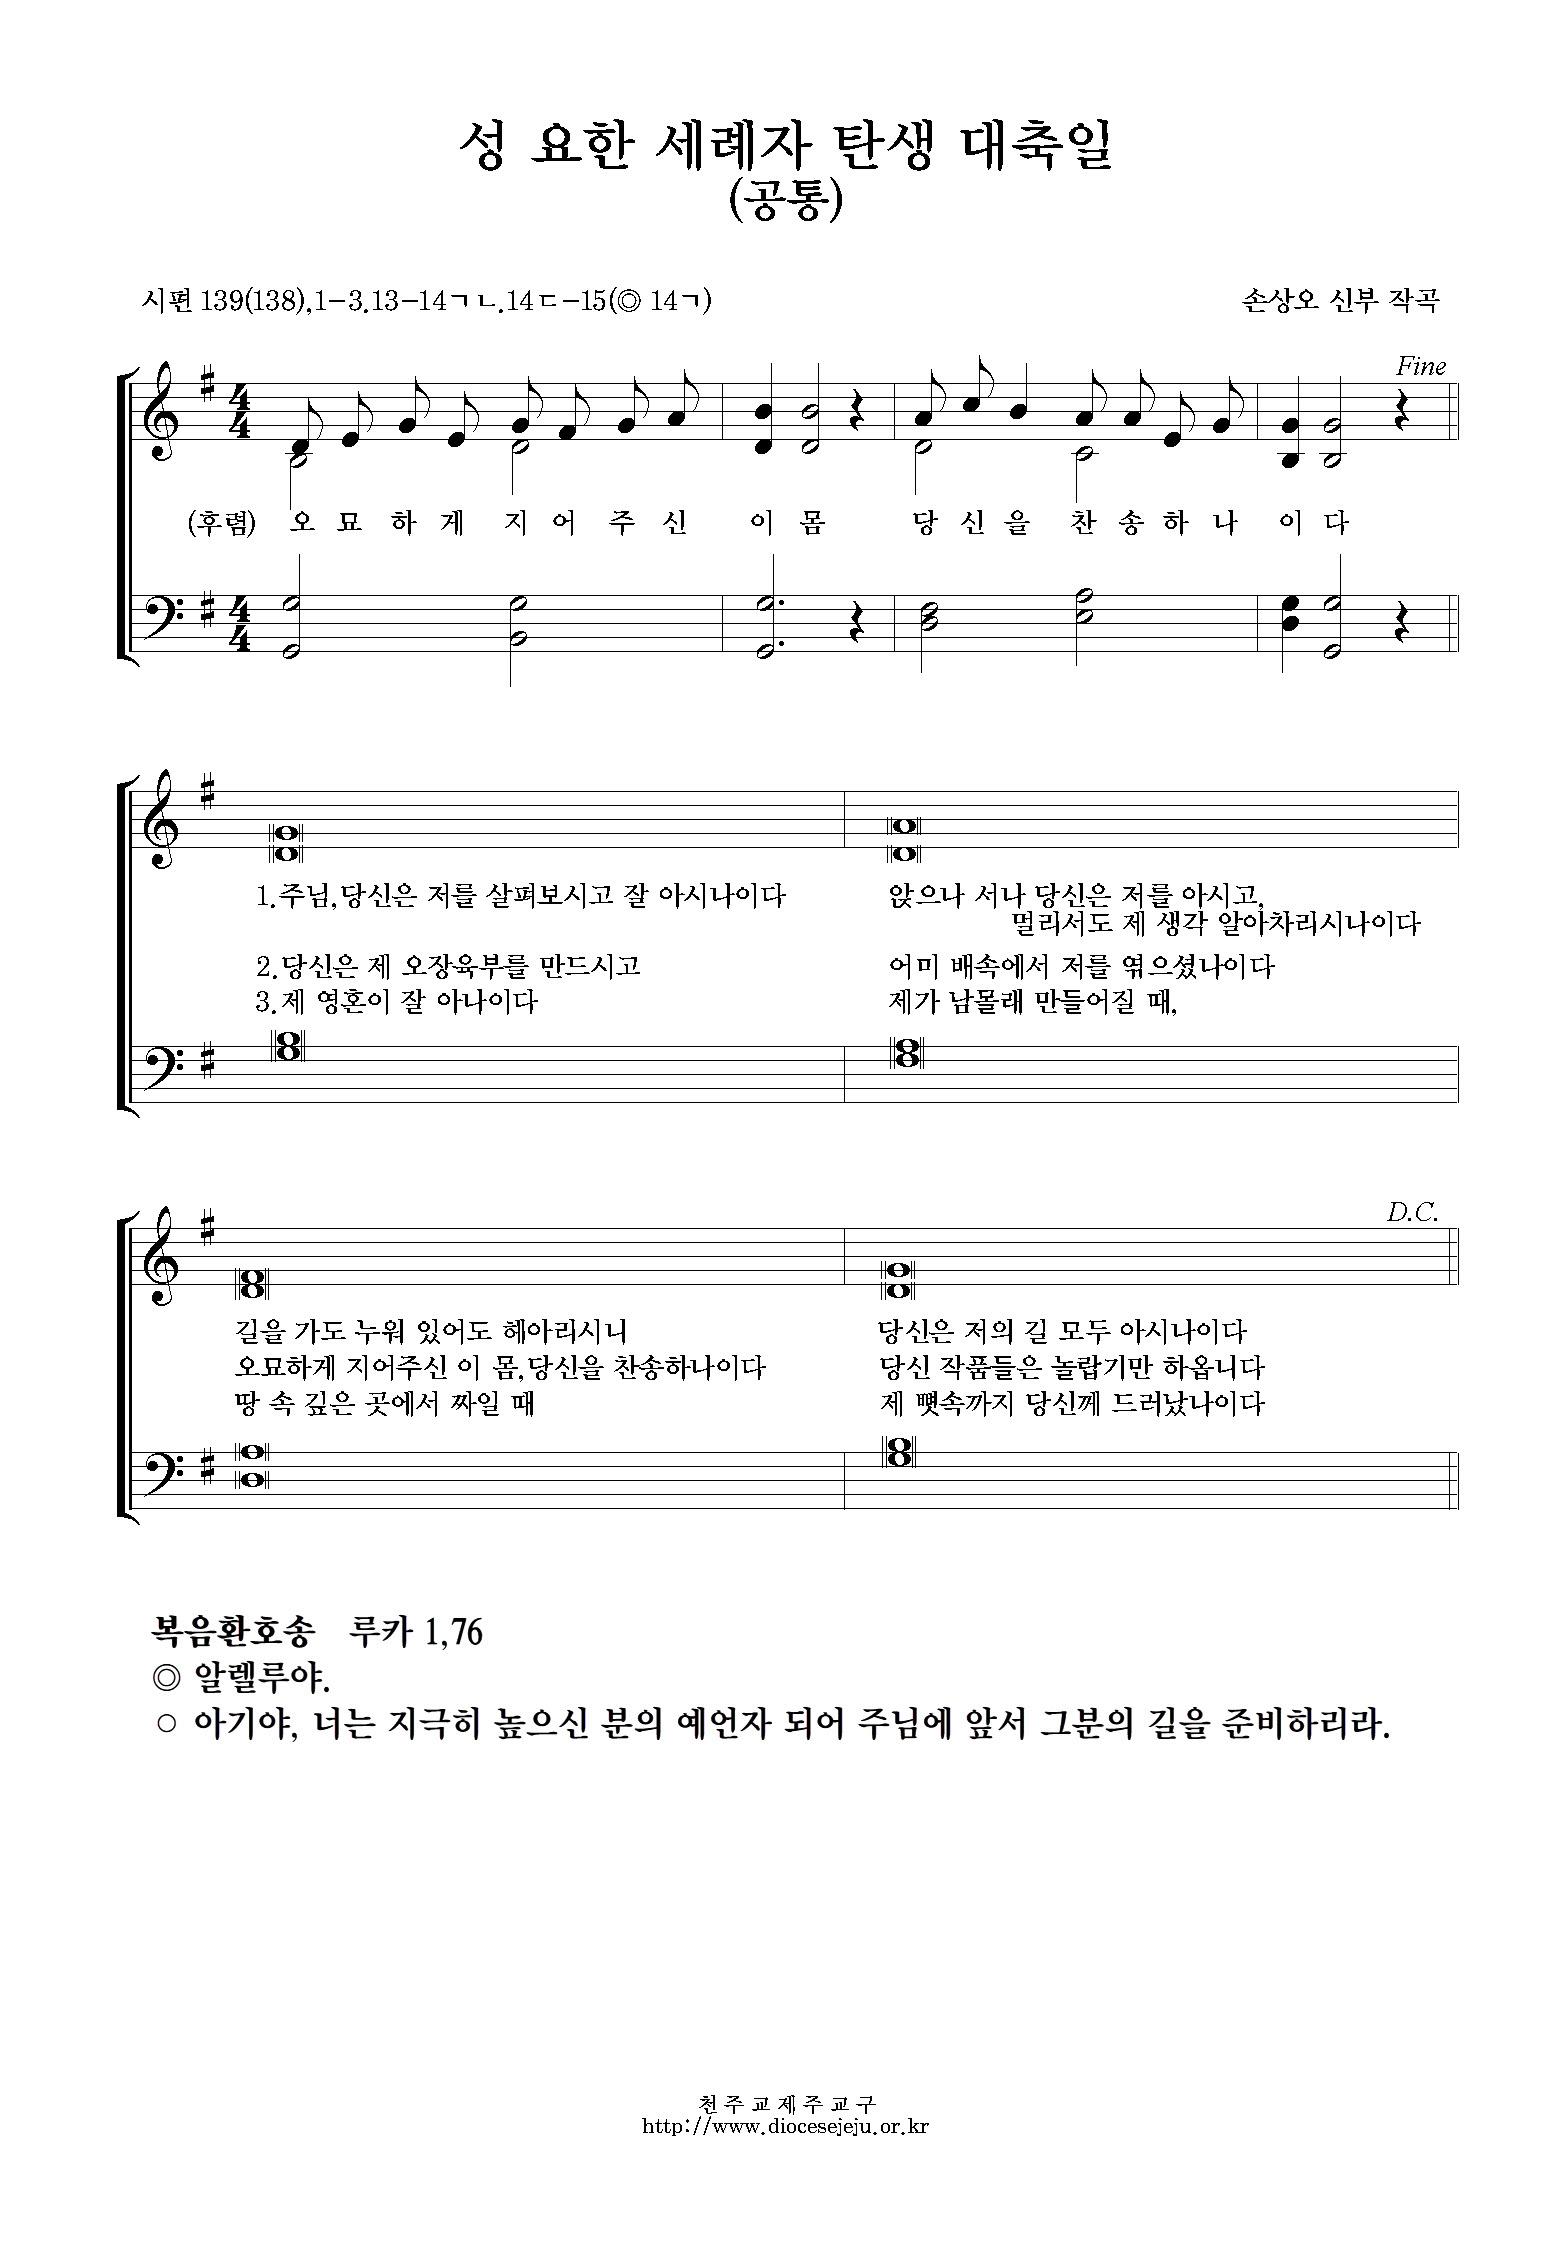 20180624-성요한세례자탄생대축일(공통).jpg